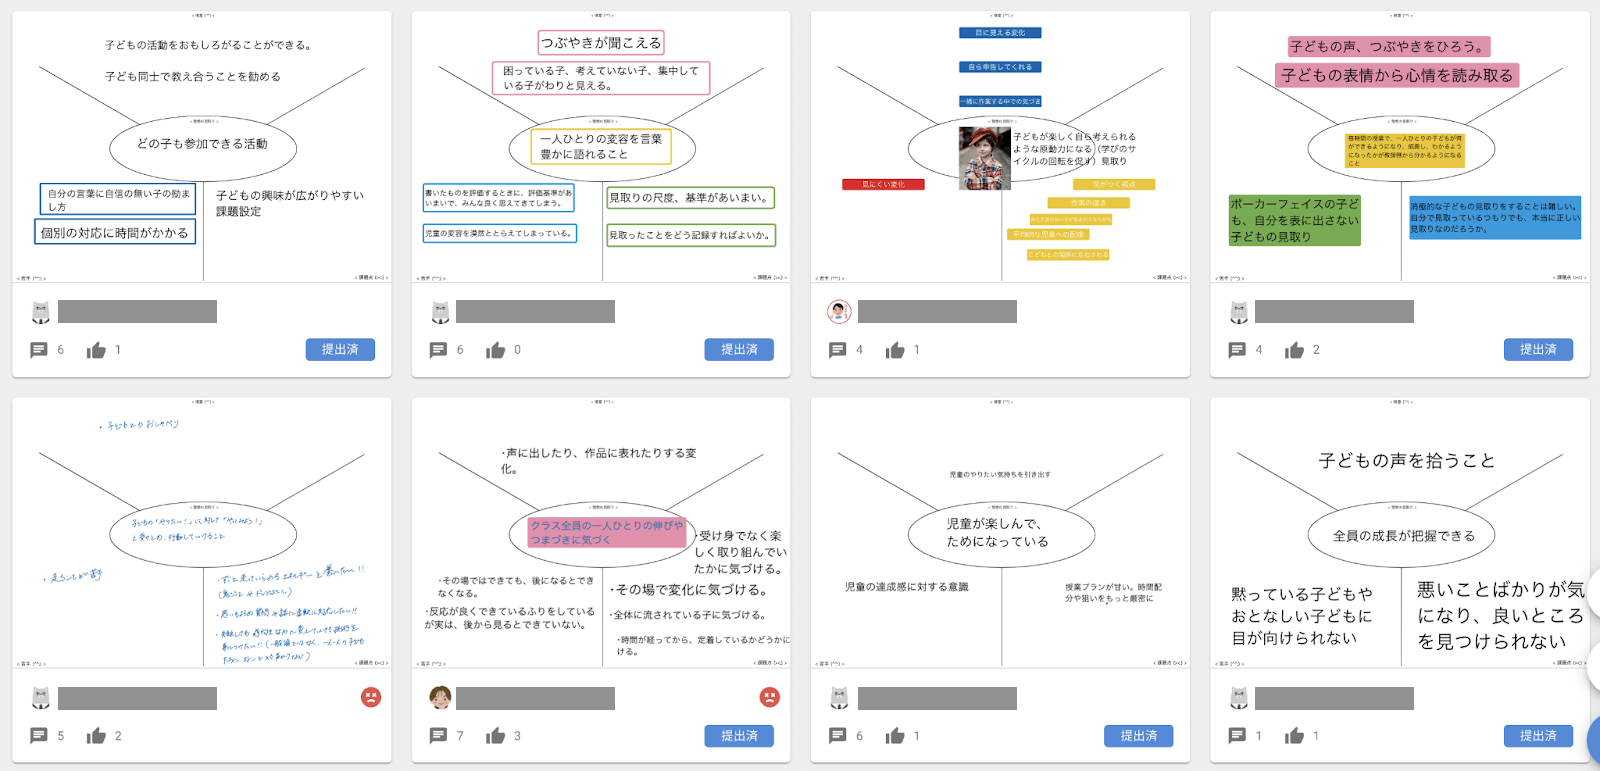 記入にはシンキングツールのYチャートを使用